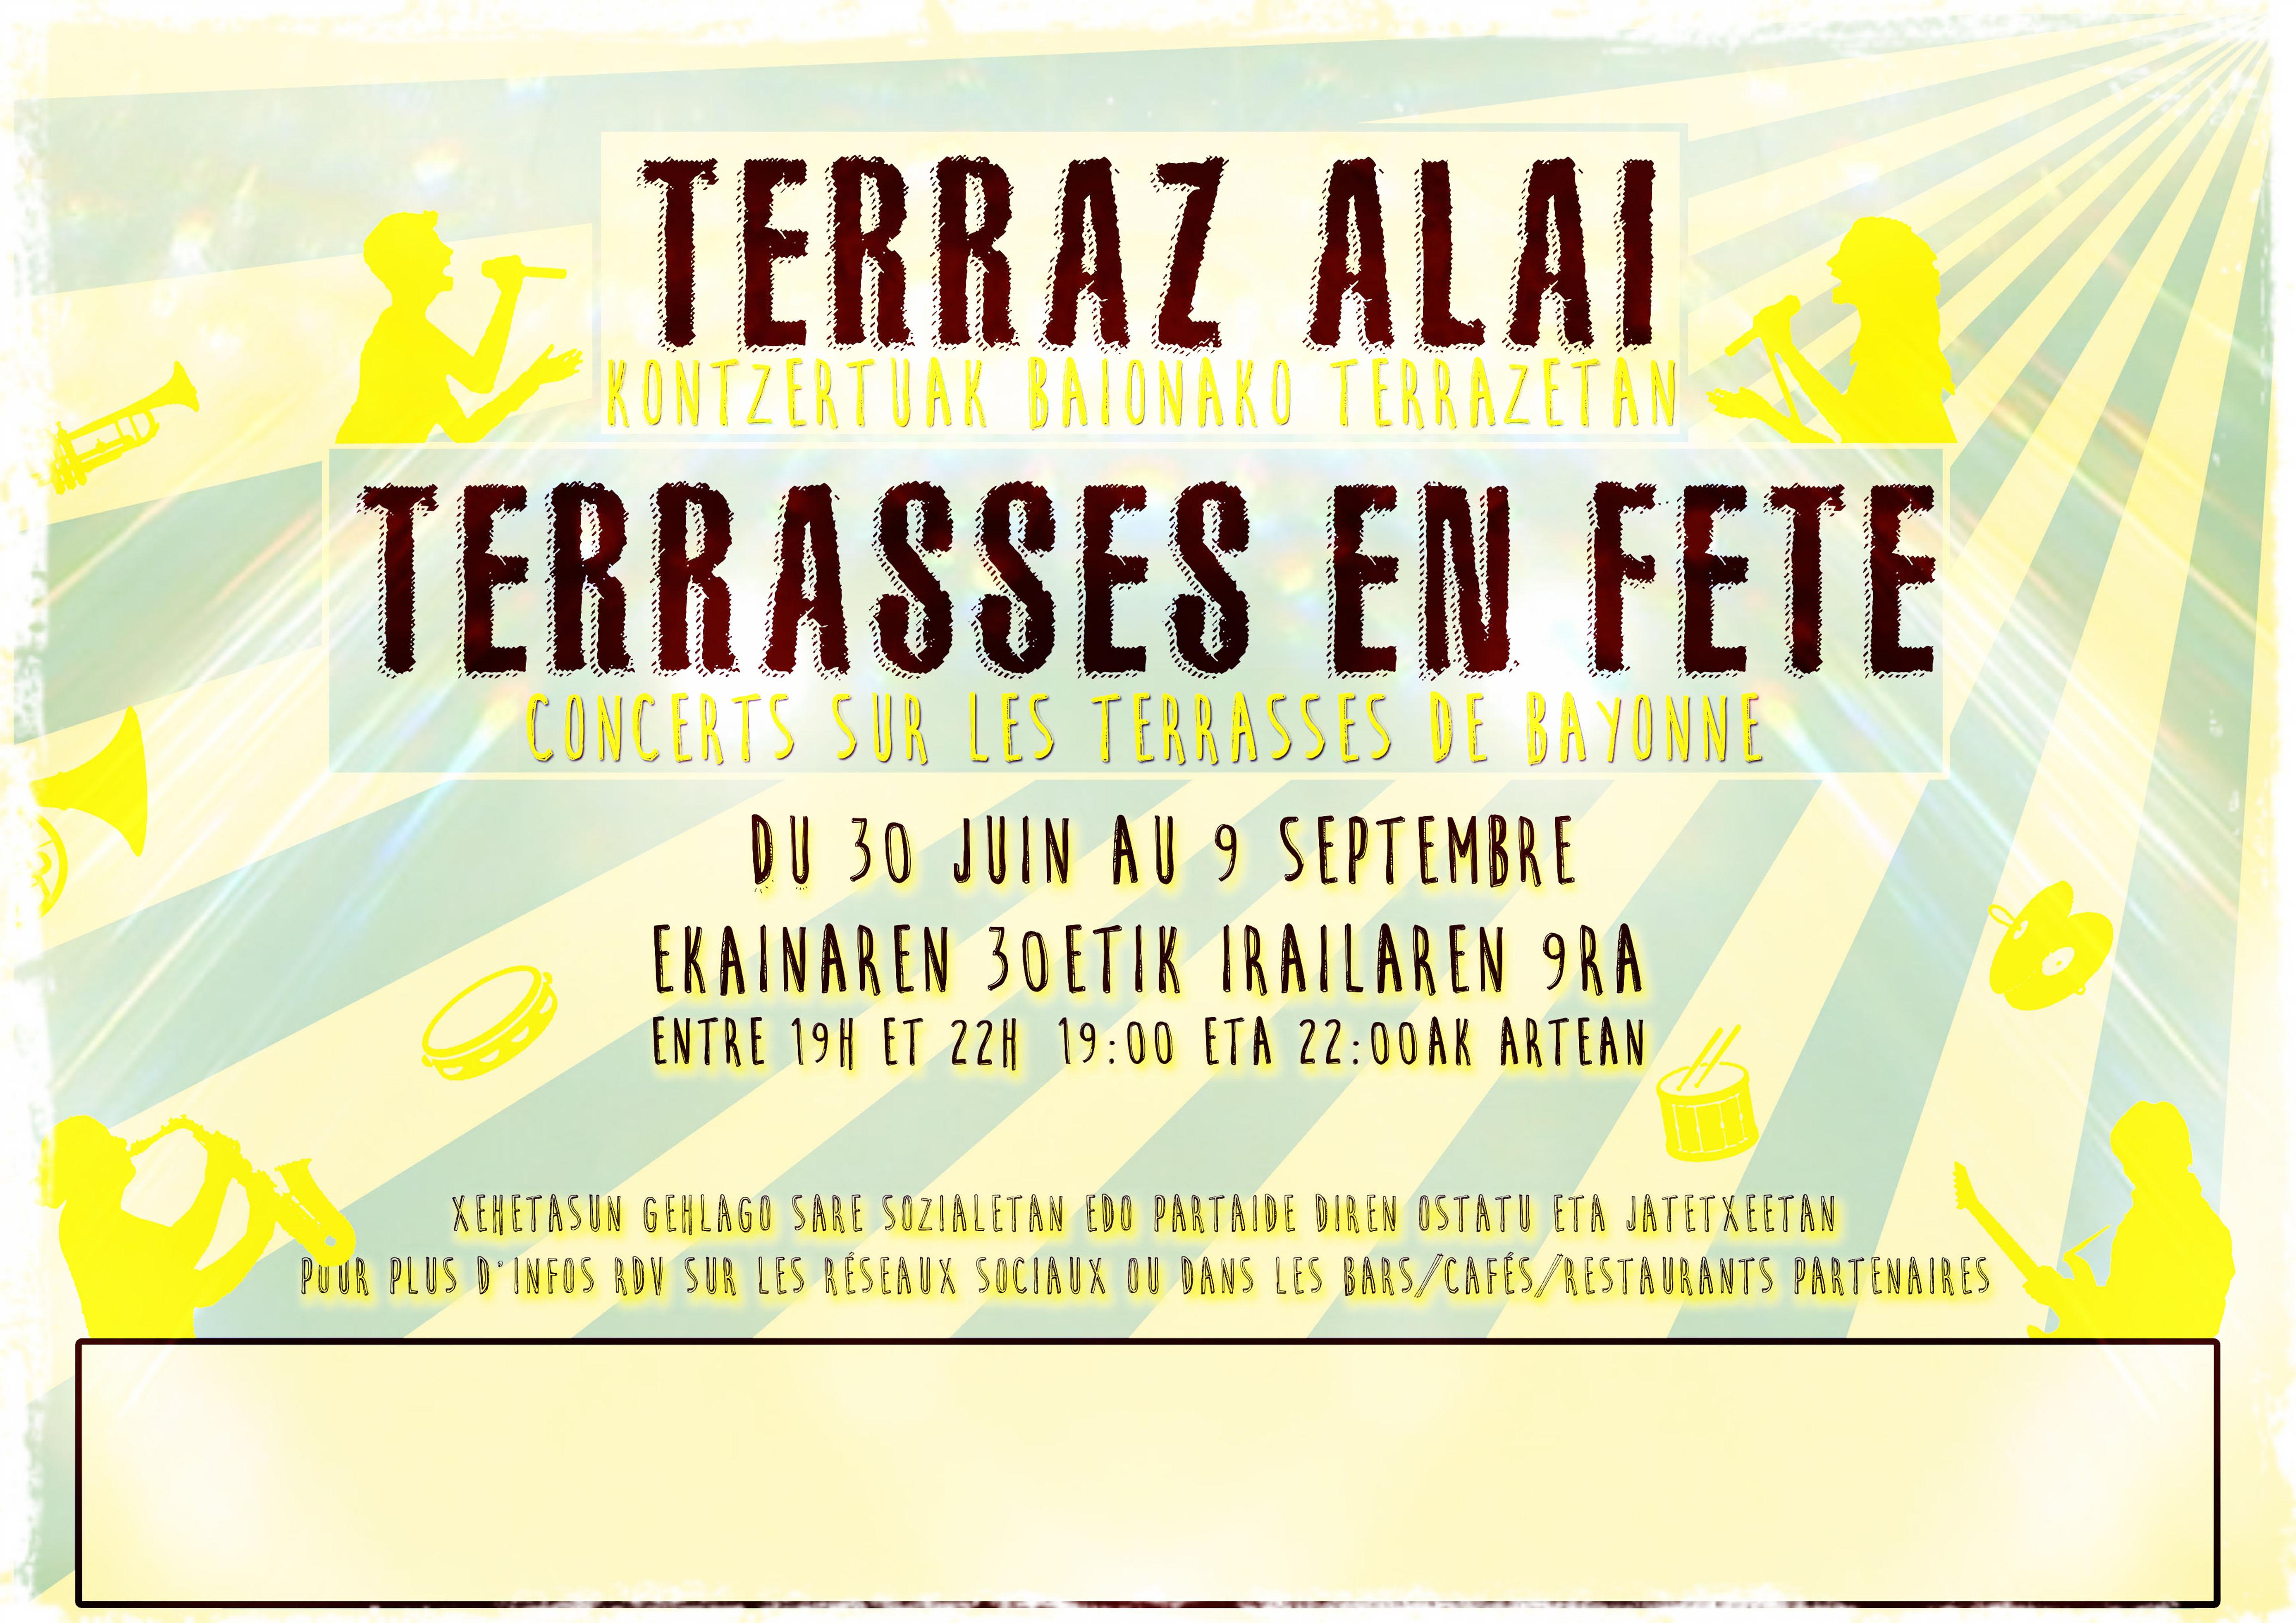 affiche terazalai2016